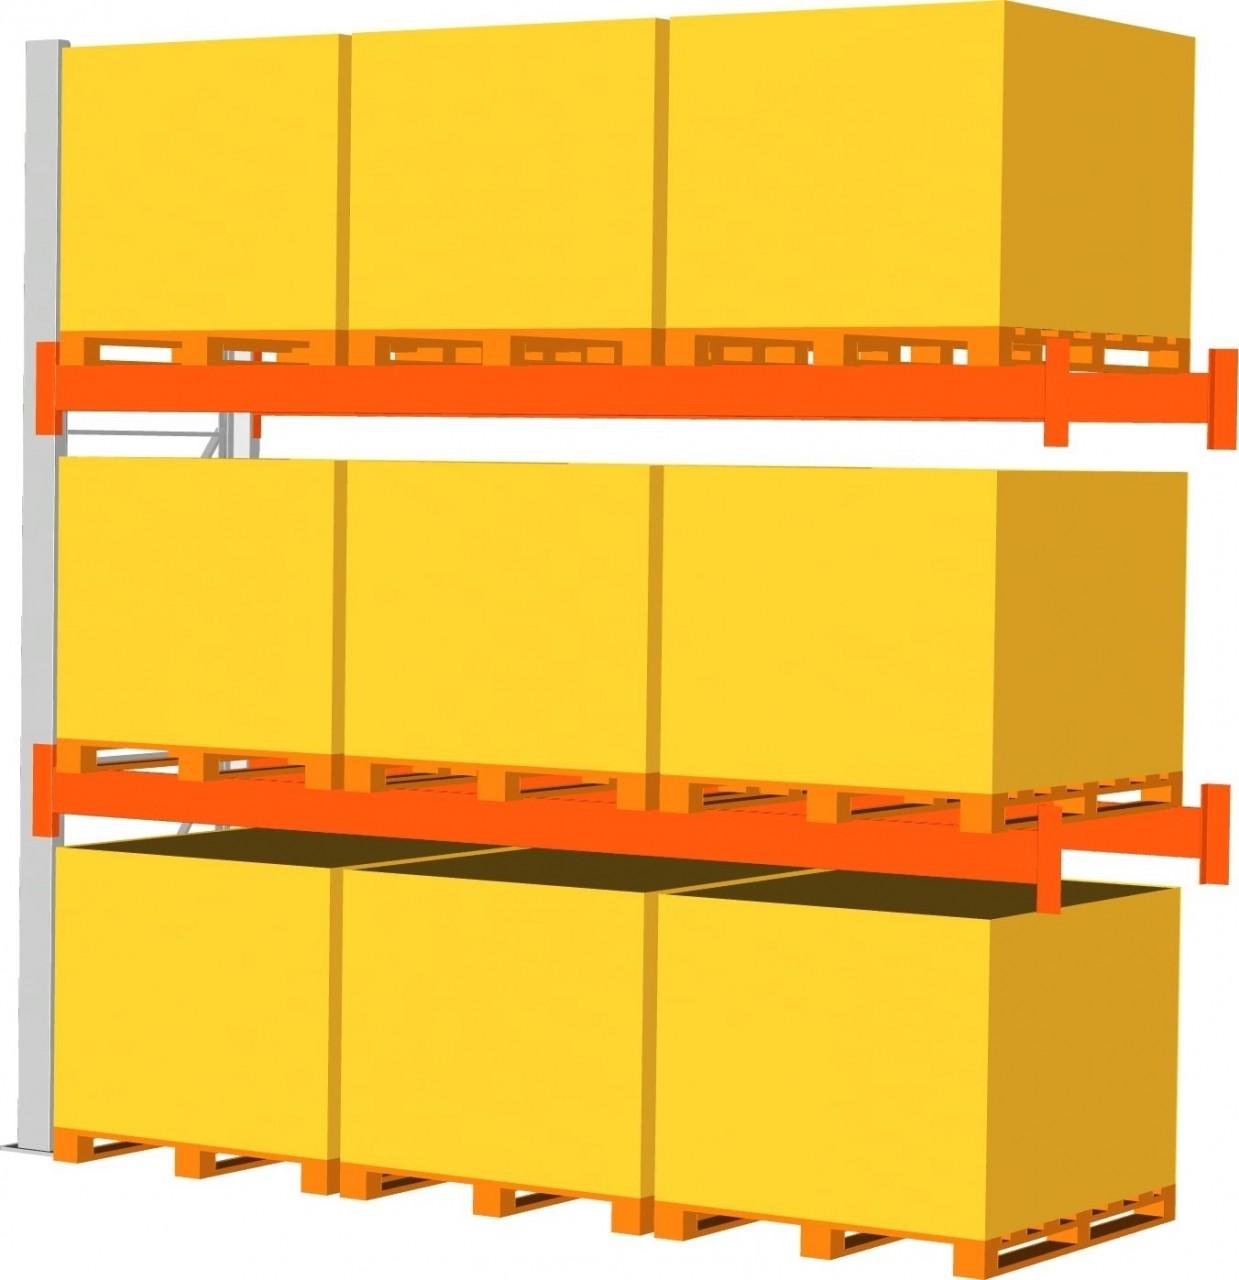 Anbauregal META MULTIPAL, bis 9 Paletten a 1000 kg, HxT 4400x1100 mm, 2 Trägerpaare